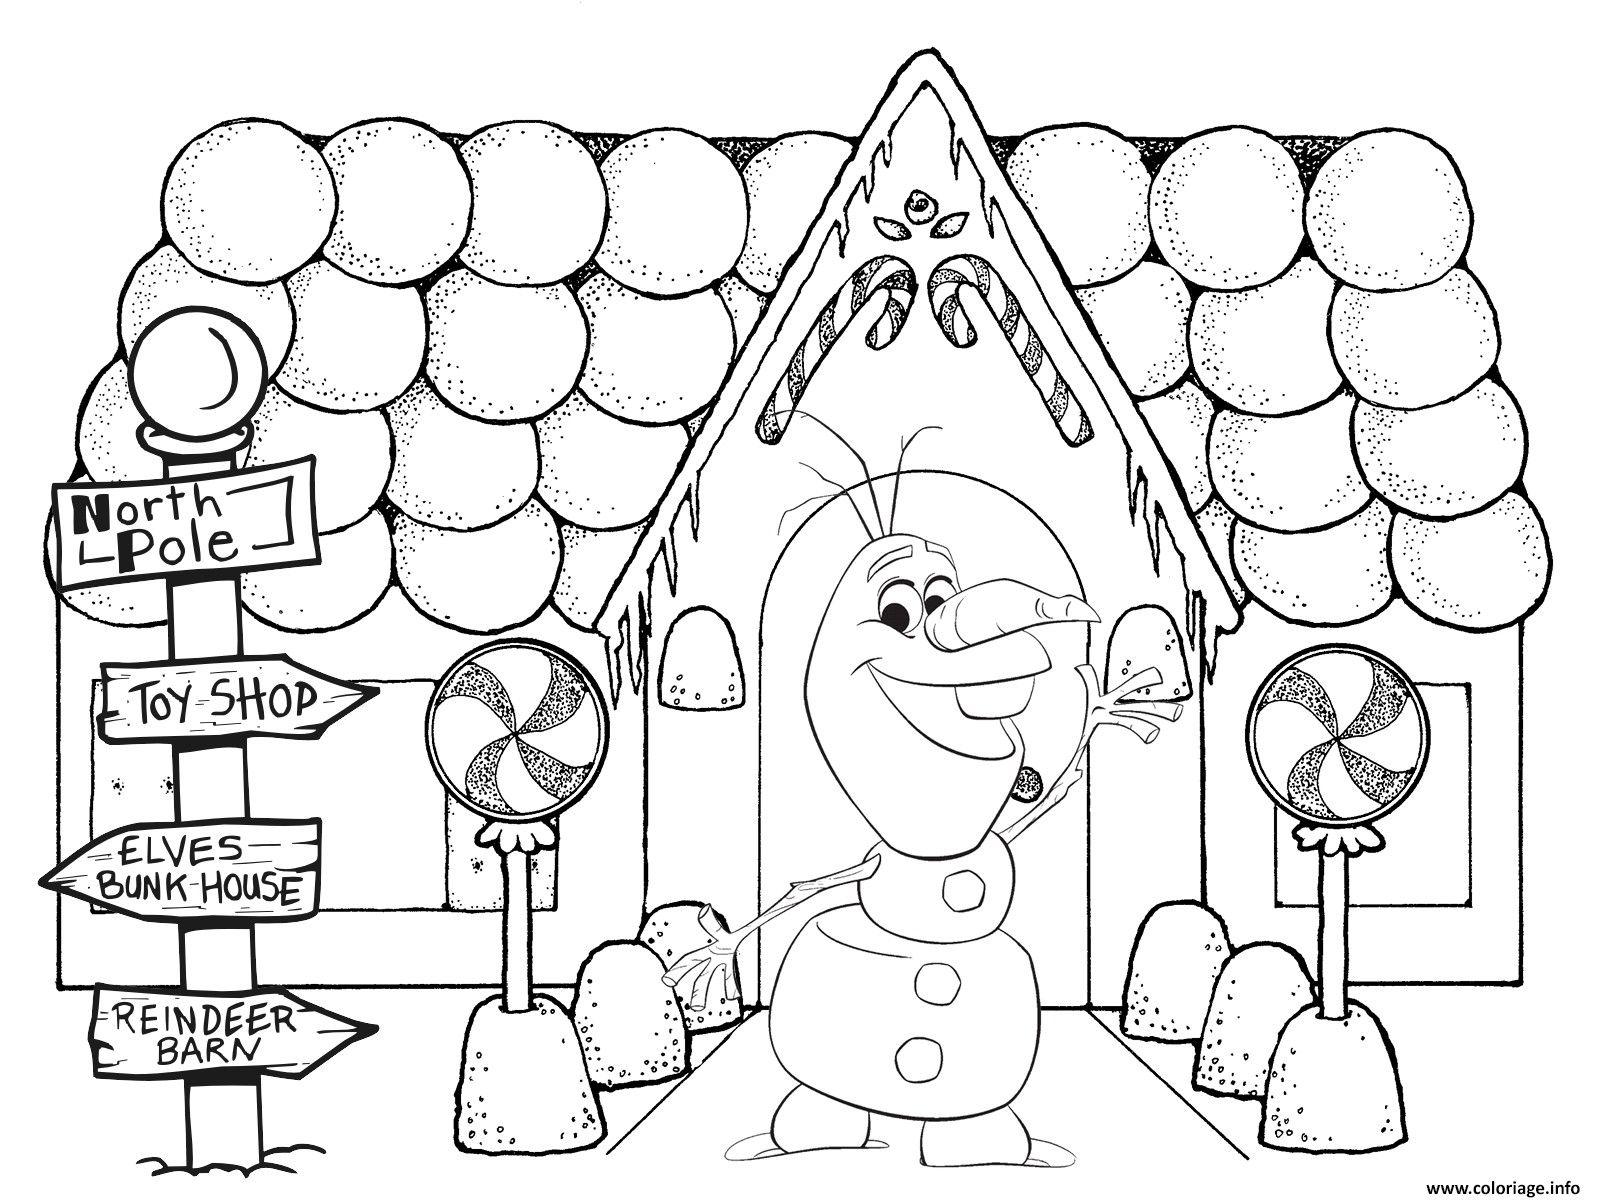 Coloriage Olaf.Imprimer Un Dessin De Noel Unique Idees Coloriage Olaf Noel